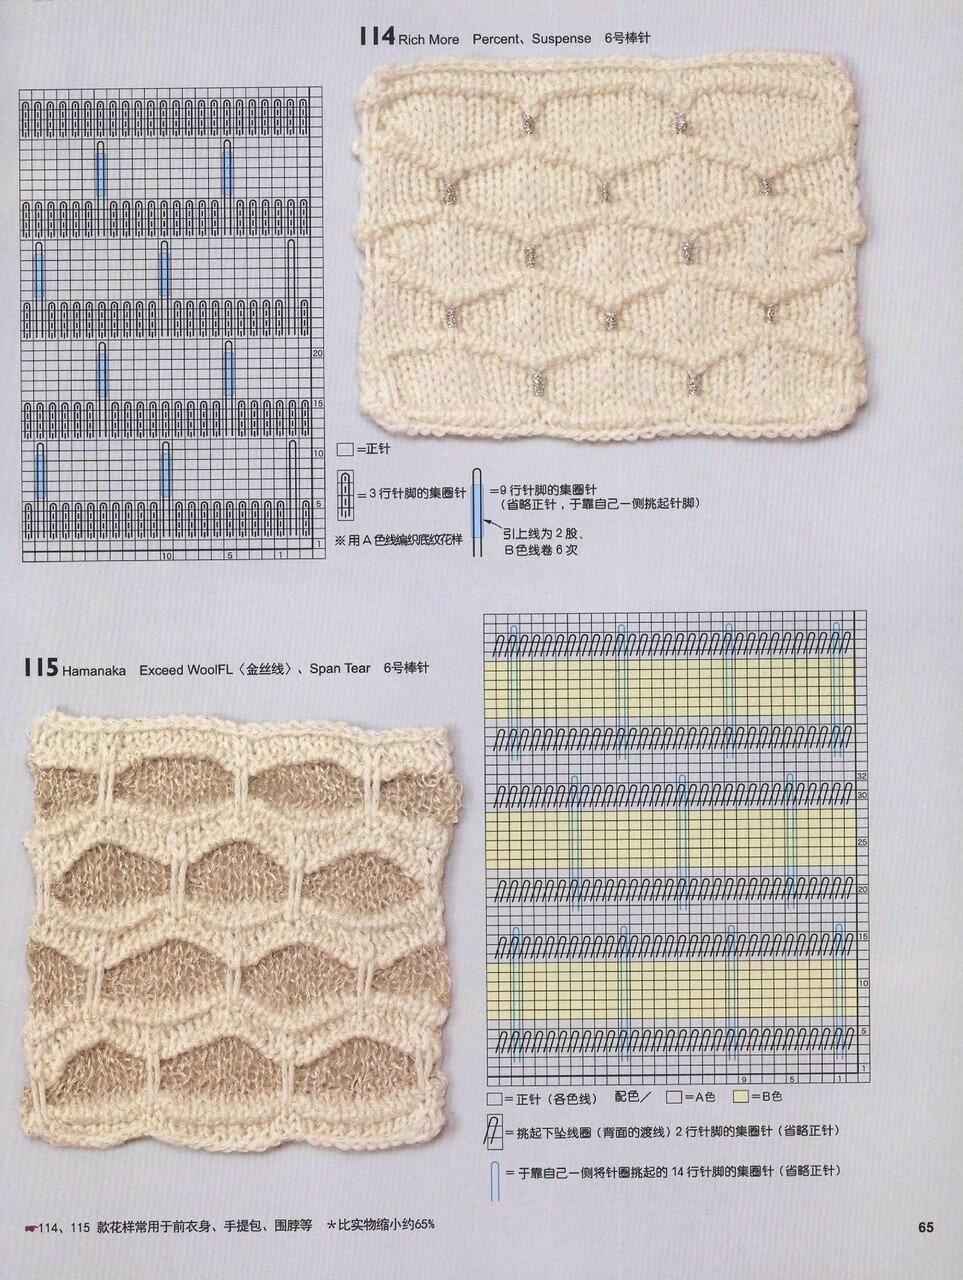 150 Knitting_67.jpg